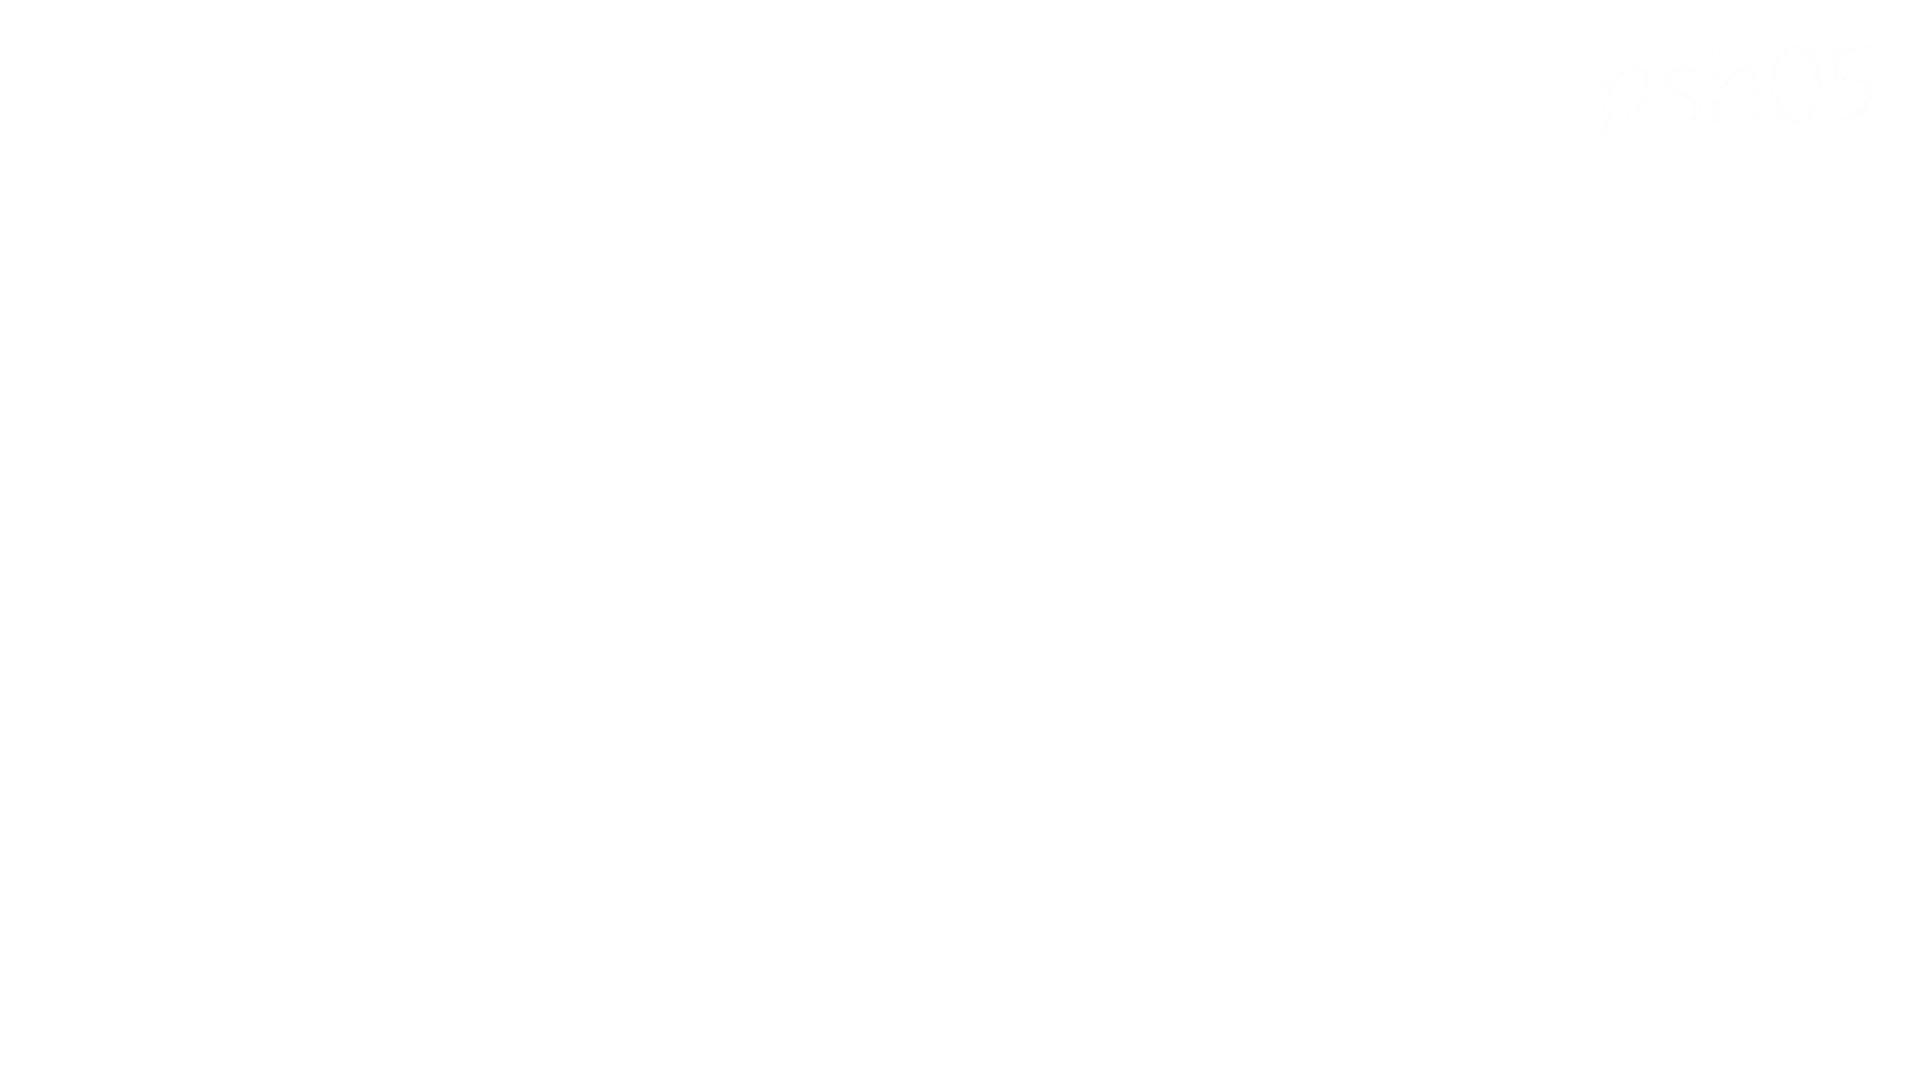 ▲復活限定▲ハイビジョン 盗神伝 Vol.5 OLのボディ  69PIX 20